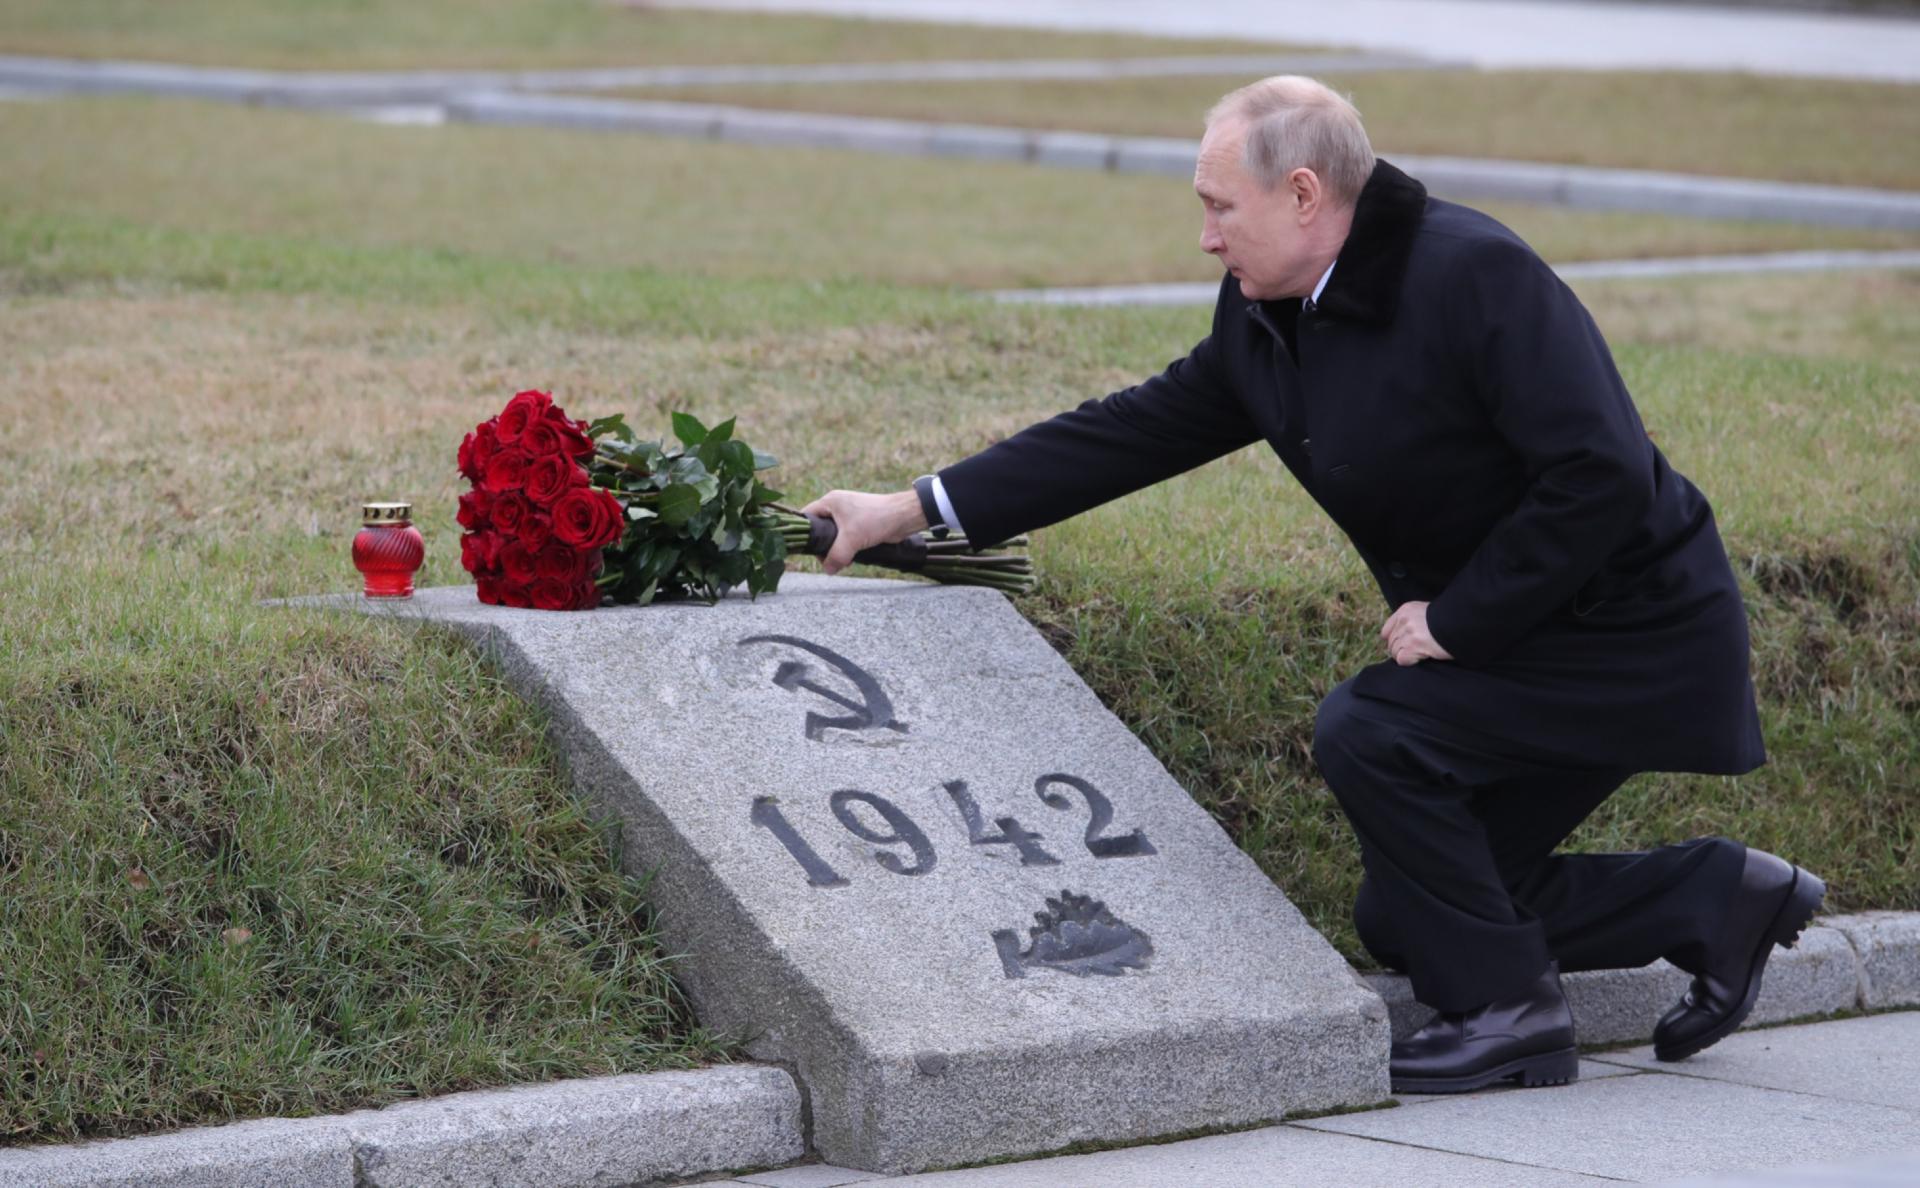 Путин пообещал выплатить ветеранам по ₽75 тыс. к 75-летию Победы